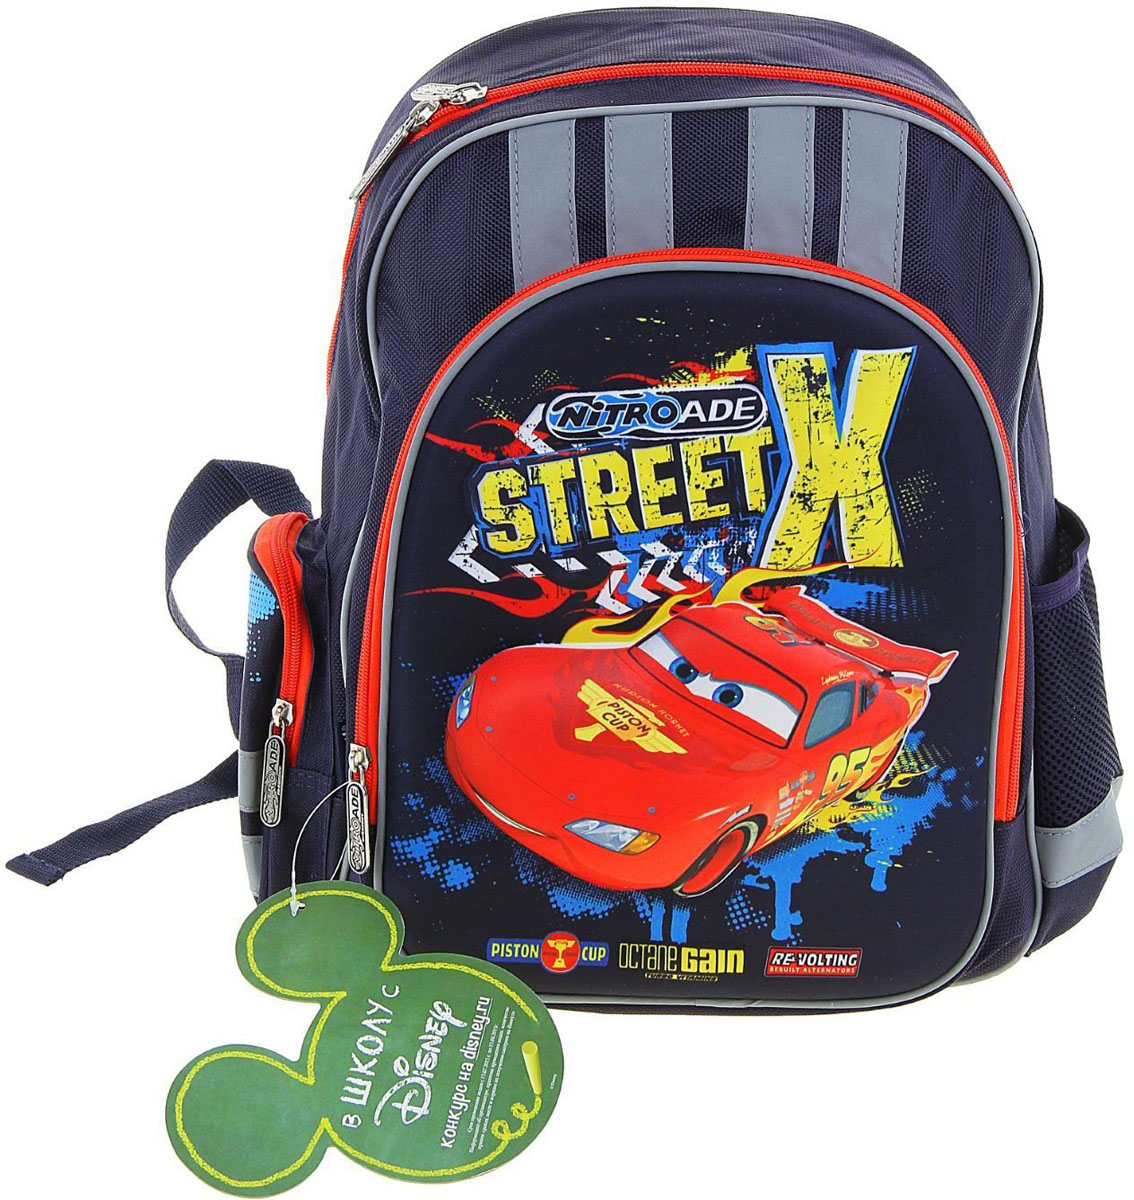 Disney Рюкзак Cars цвет фиолетовый синий72523WDРюкзак школьный эргономичная спинка Disney Cars 38*29*13, для мальчика, синий — это более мягкая, по сравнению с ранцем, эргономичная текстильная школьная сумка, обладающая оригинальным дизайном и большой вместительностью.В спинку такого рюкзака вставлена пенка, а на местах максимального соприкосновения с телом ребёнка (лопатки, поясница, плечи) ещё и нашиты дополнительные мягкие подушечки, которые дают возможность циркулировать воздуху, обеспечивая комфортные ощущения для спины.Именно такой рюкзак, по мнению врачей-ортопедов, считается оптимальным для школьников начальных и средних классов.